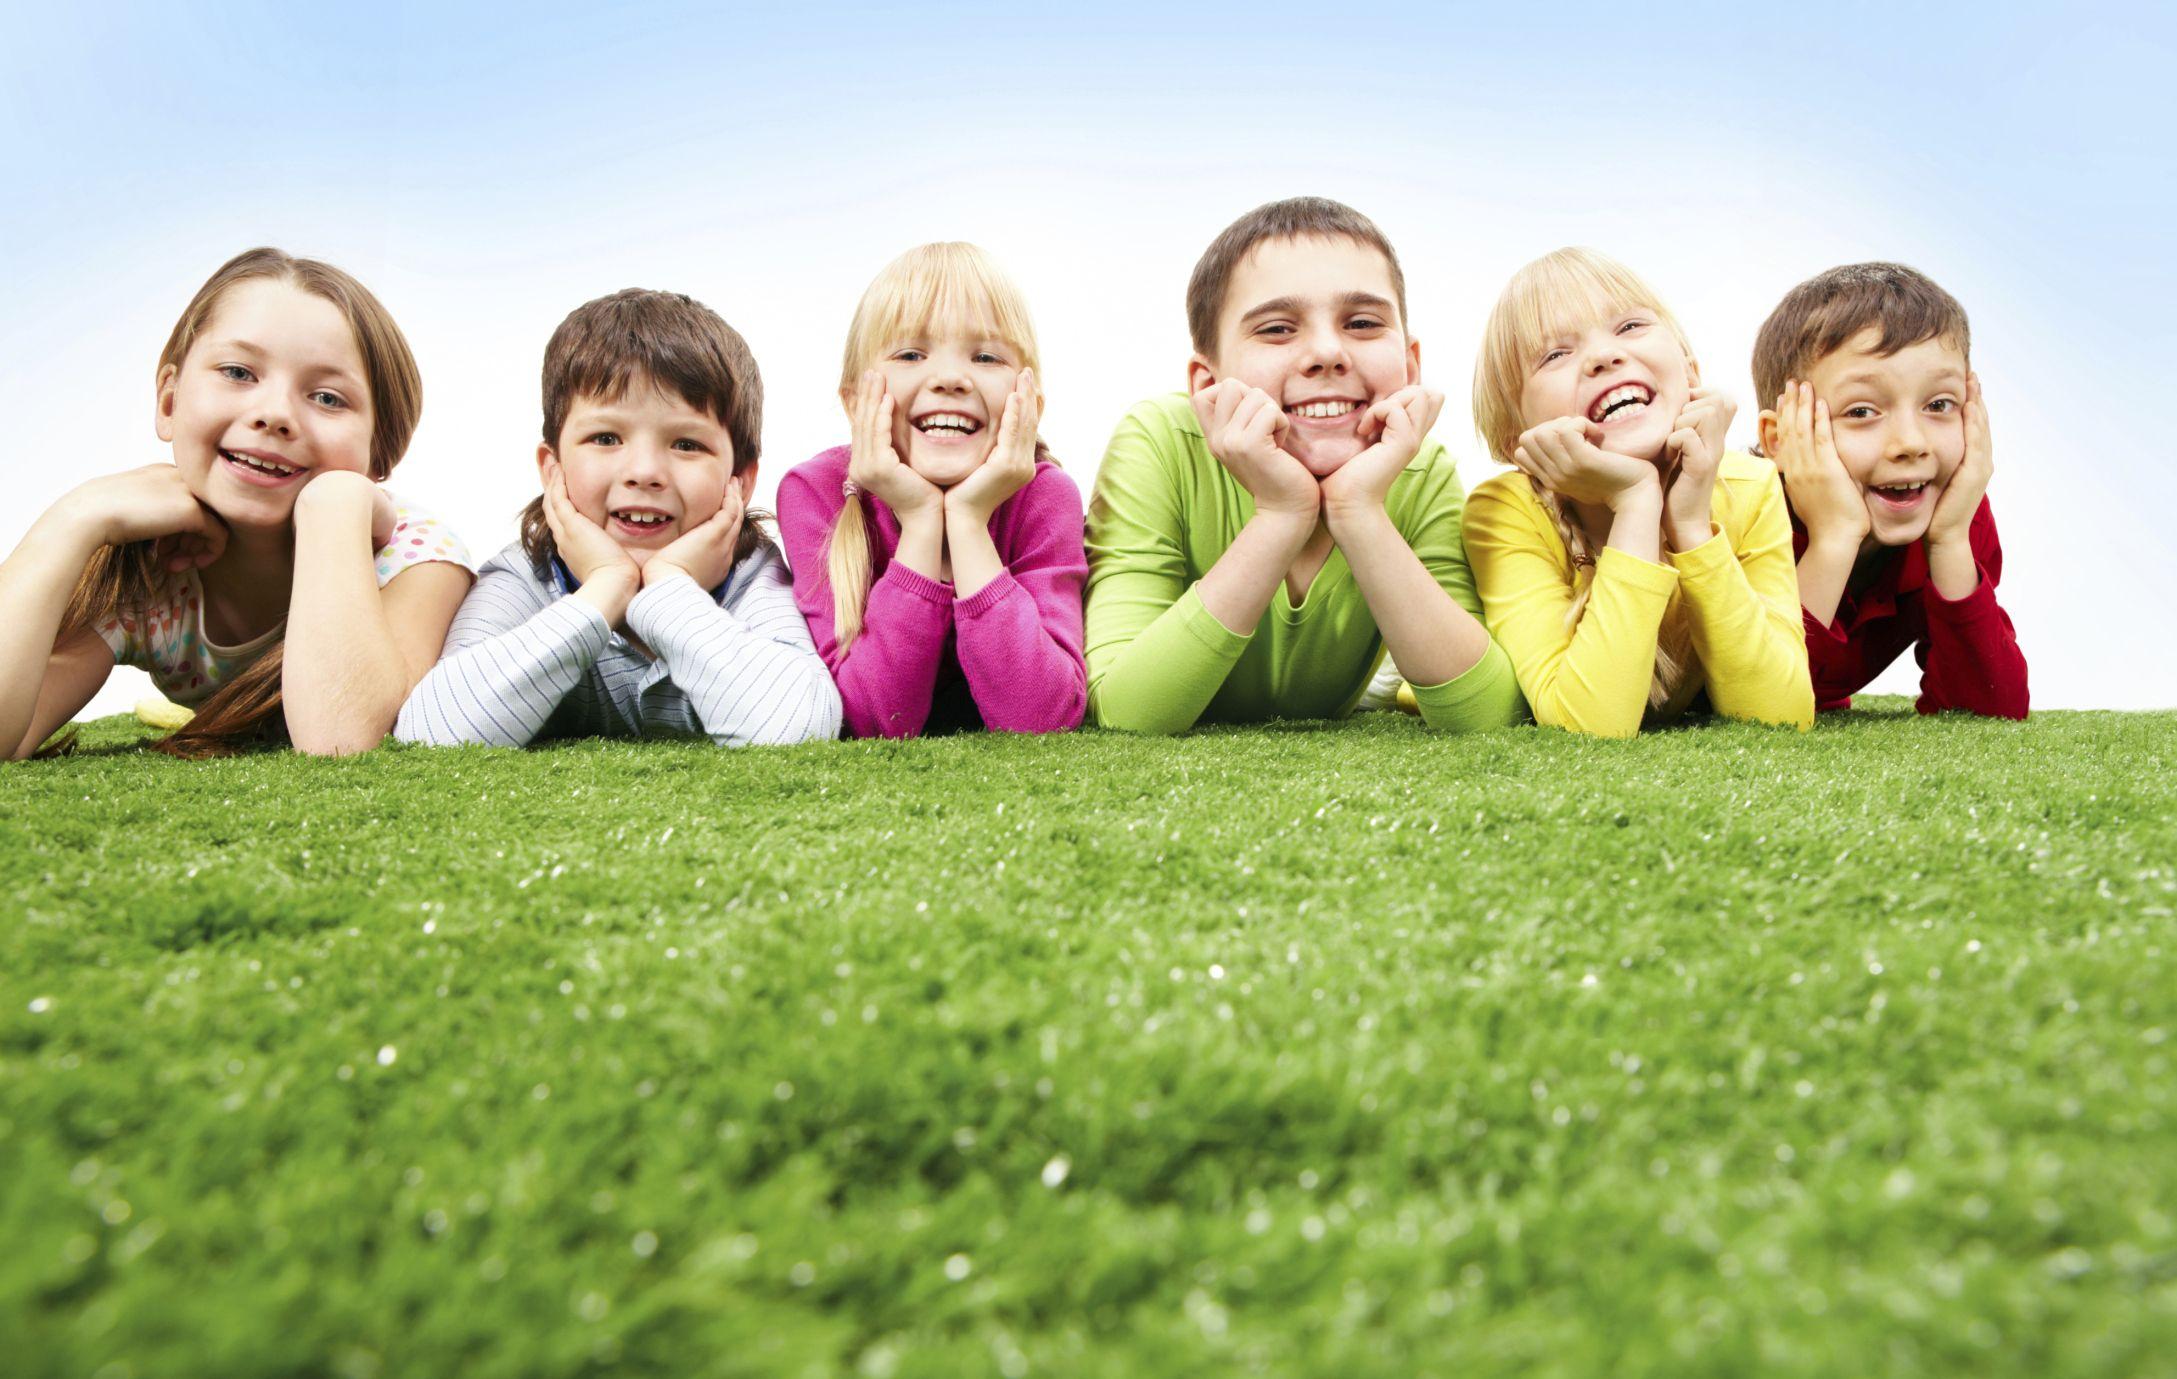 Conheça os 4 pontos essenciais para um condomínio seguro para as crianças